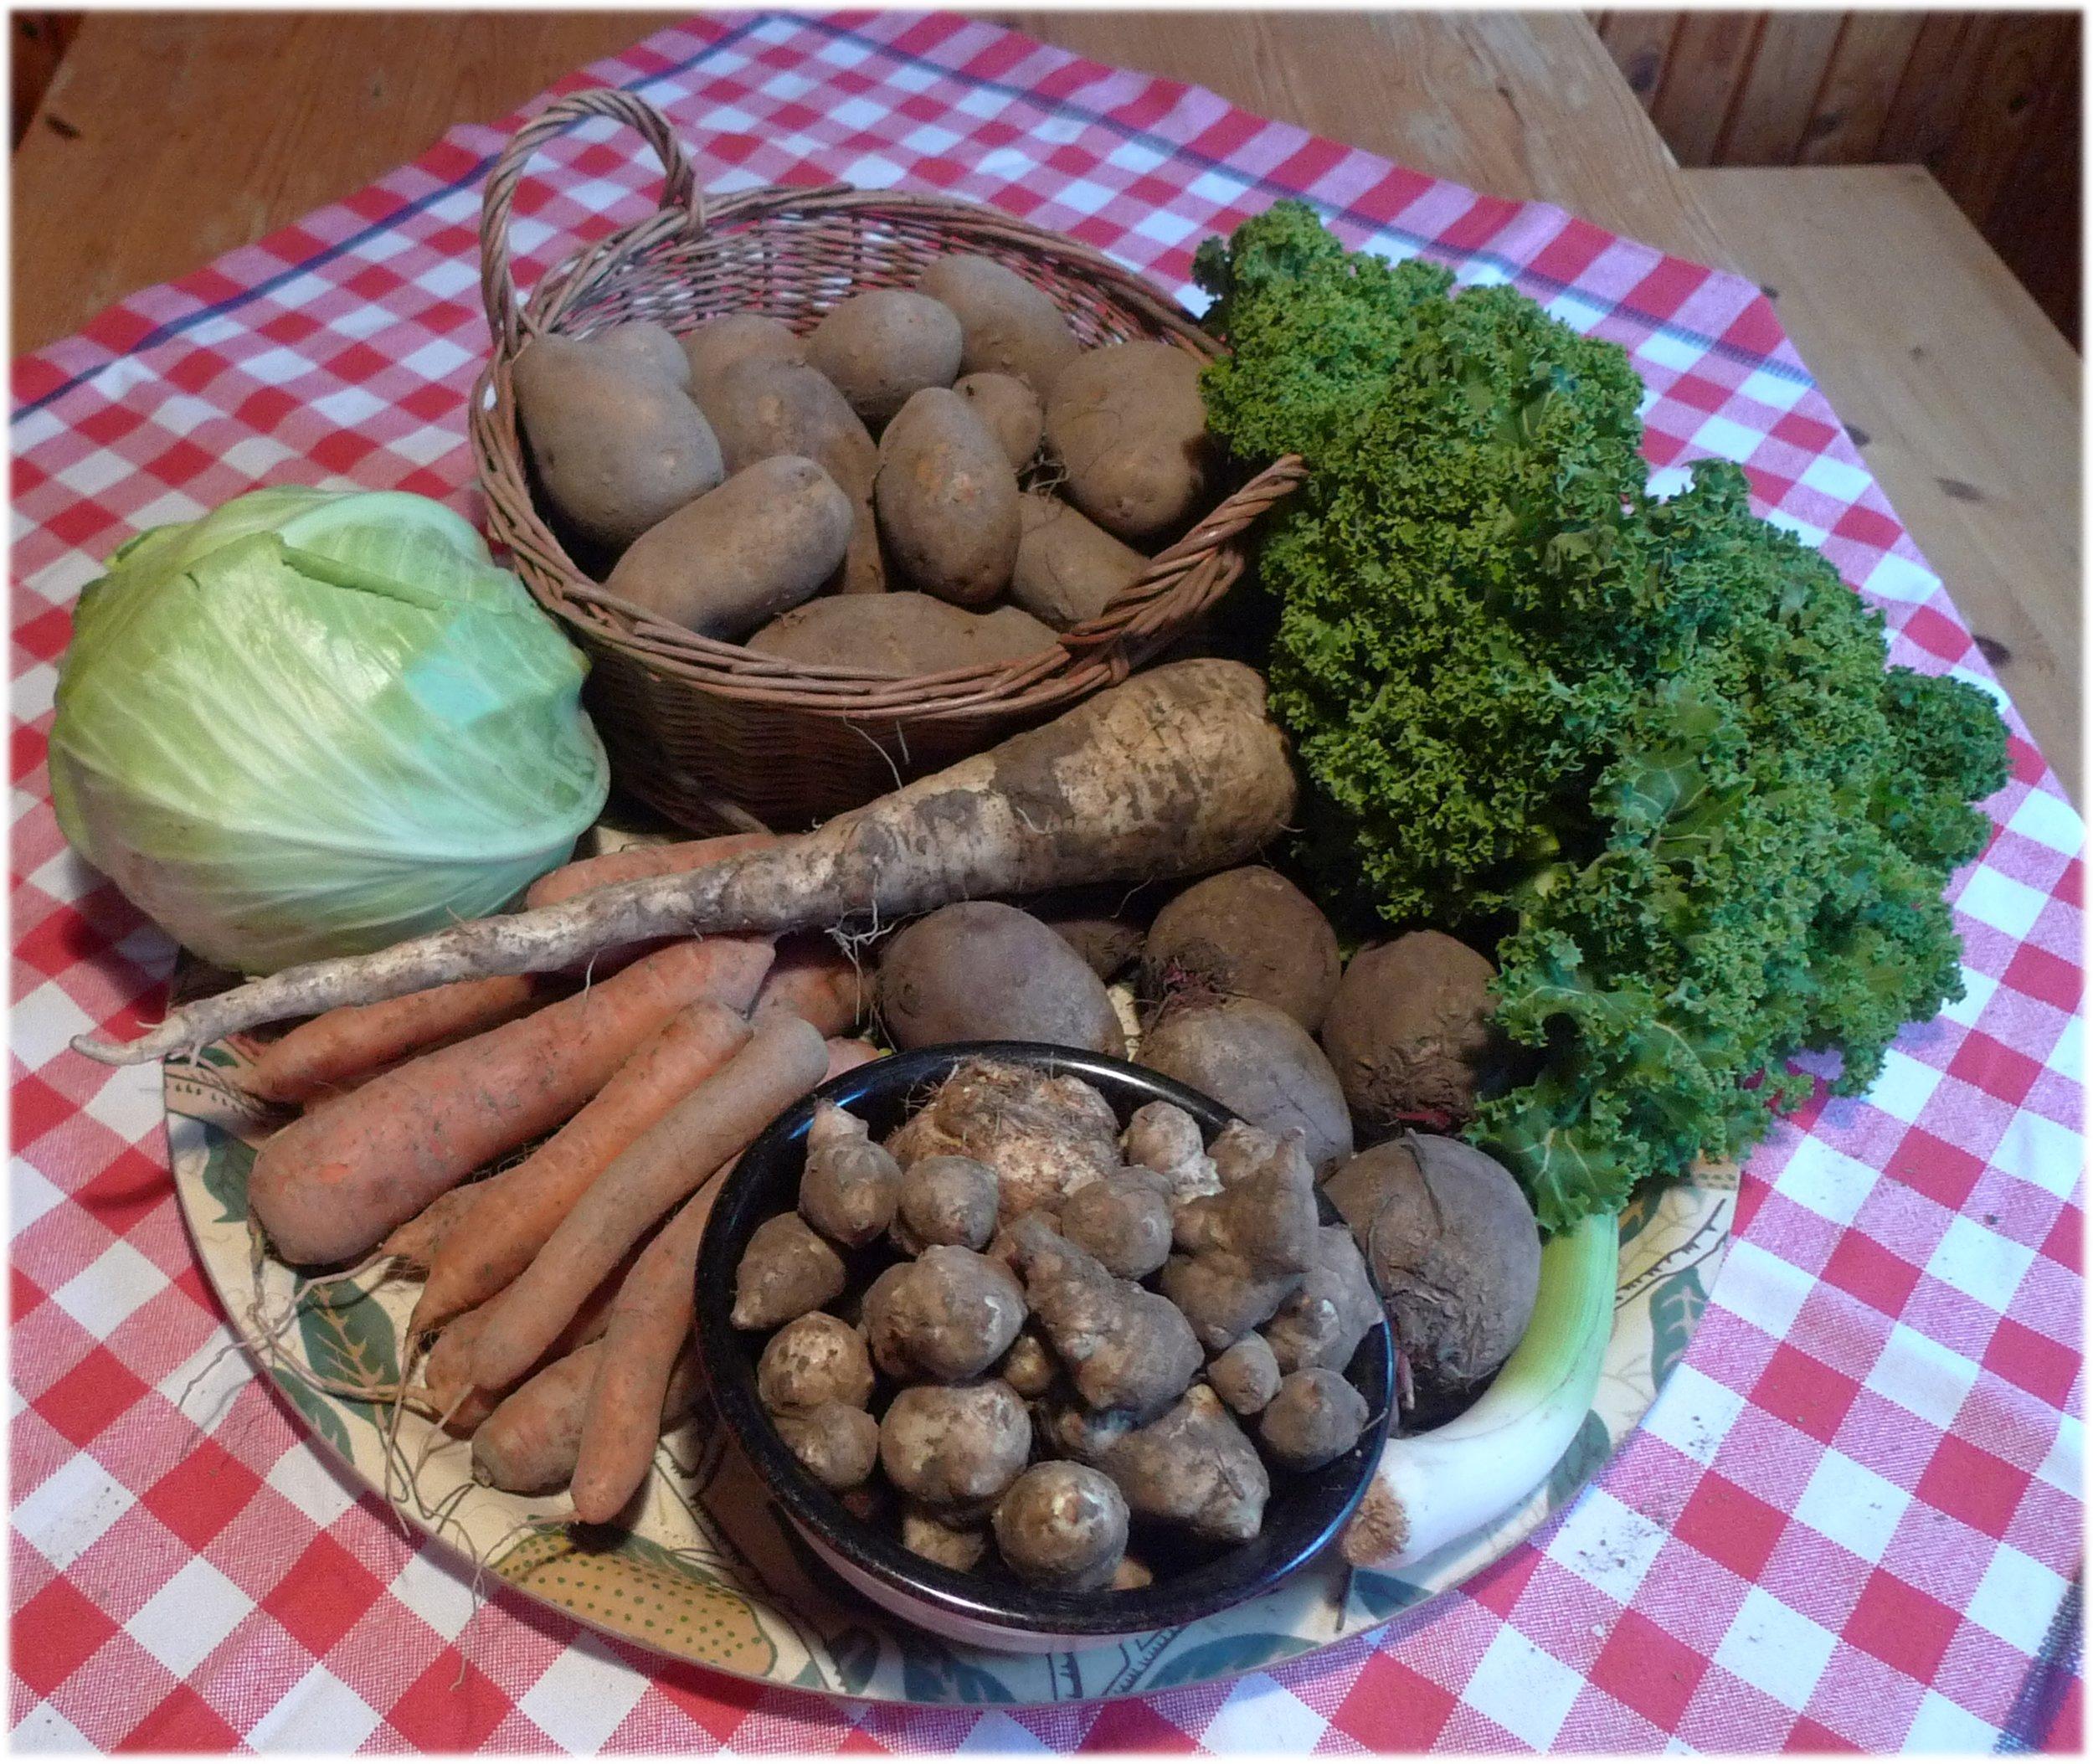 8.10.2013: valkokaali 818 g, lehtikaali 180 g, purjo 116 g, palsternakka 247 g, punajuuret 723 g, porkkanat 738 g, perunat 1947 g, selleri 106 g, ja maa-artisokka 478 g.